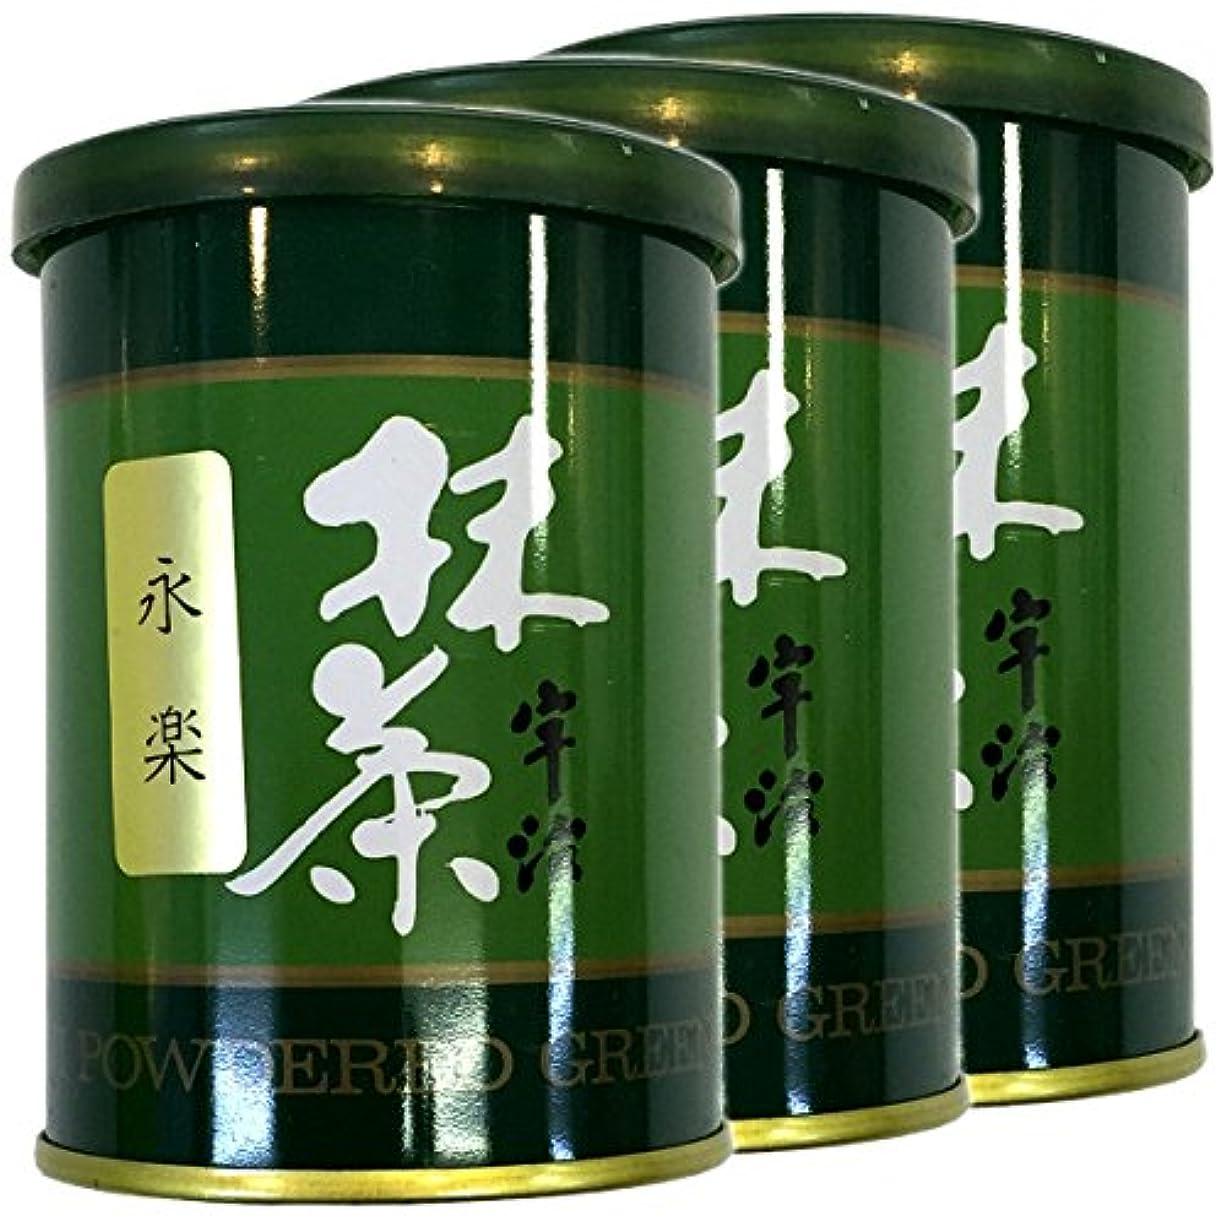 私たちの考え大型トラック【高級宇治抹茶】抹茶 粉末 永楽 40g ×3個セット